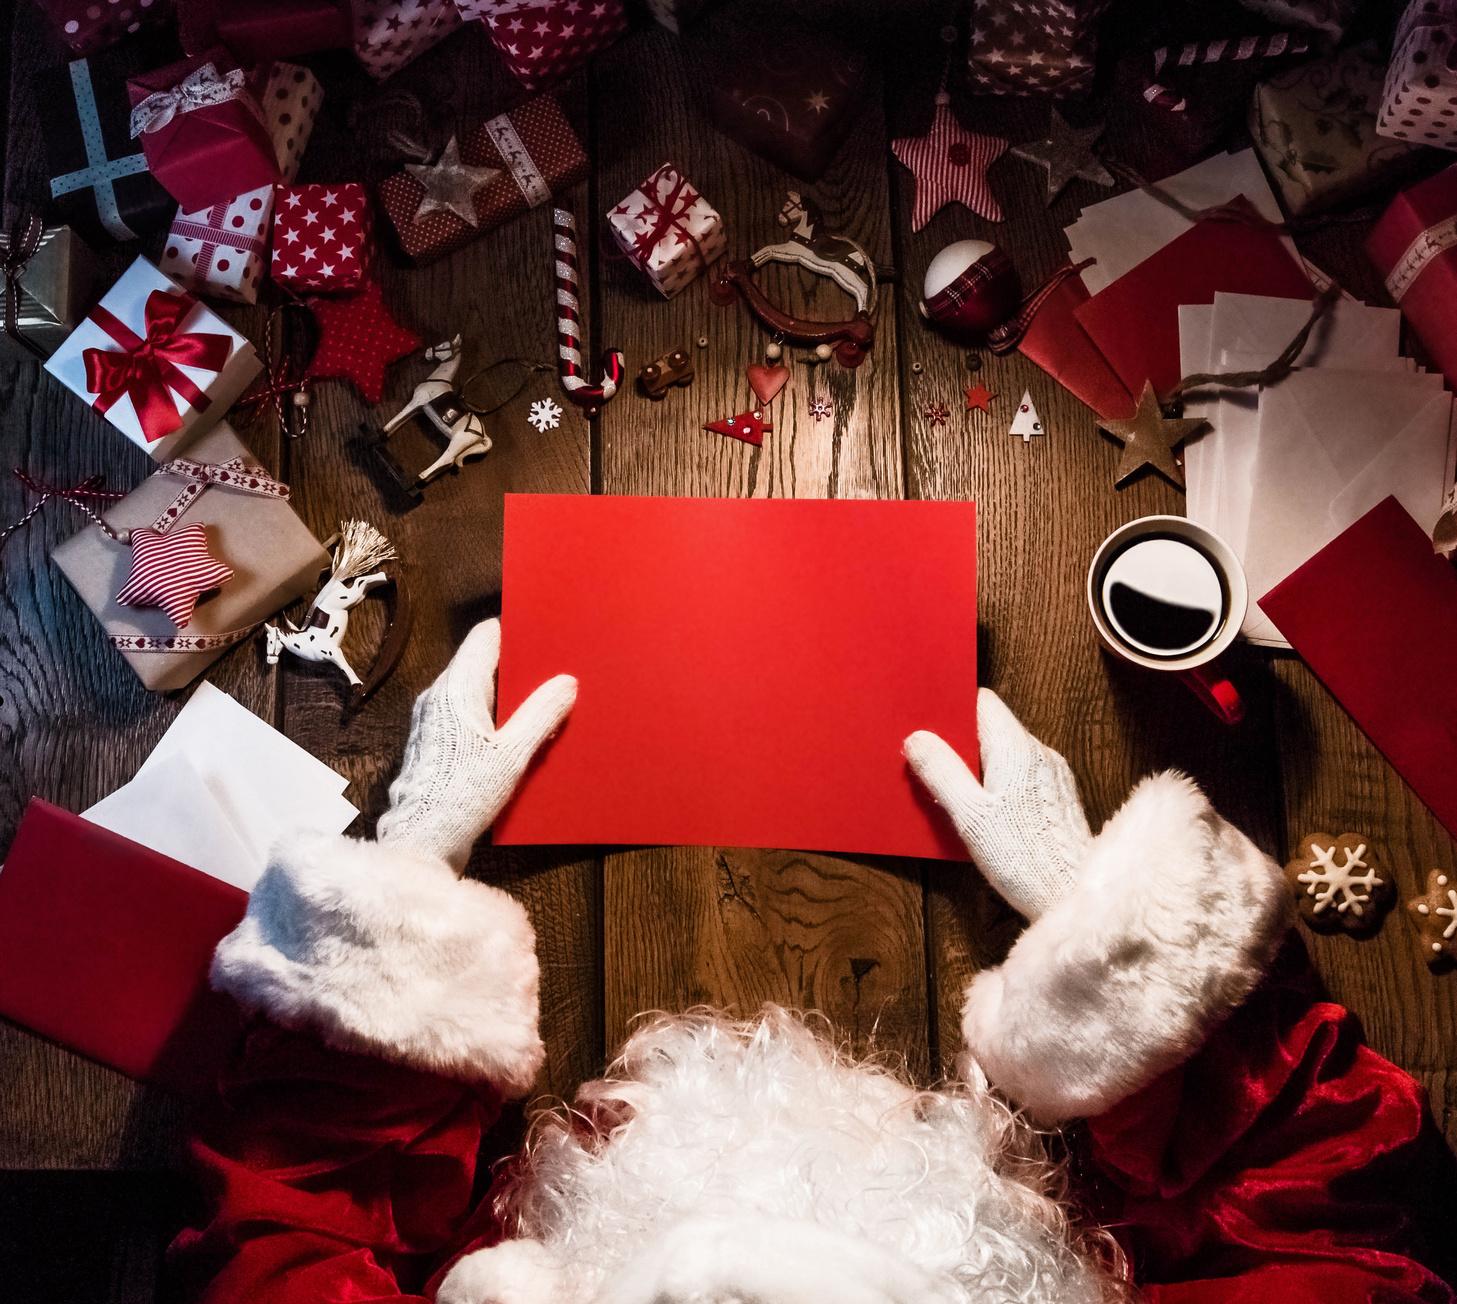 Santa Claus: le letterina più bella vince un premio!